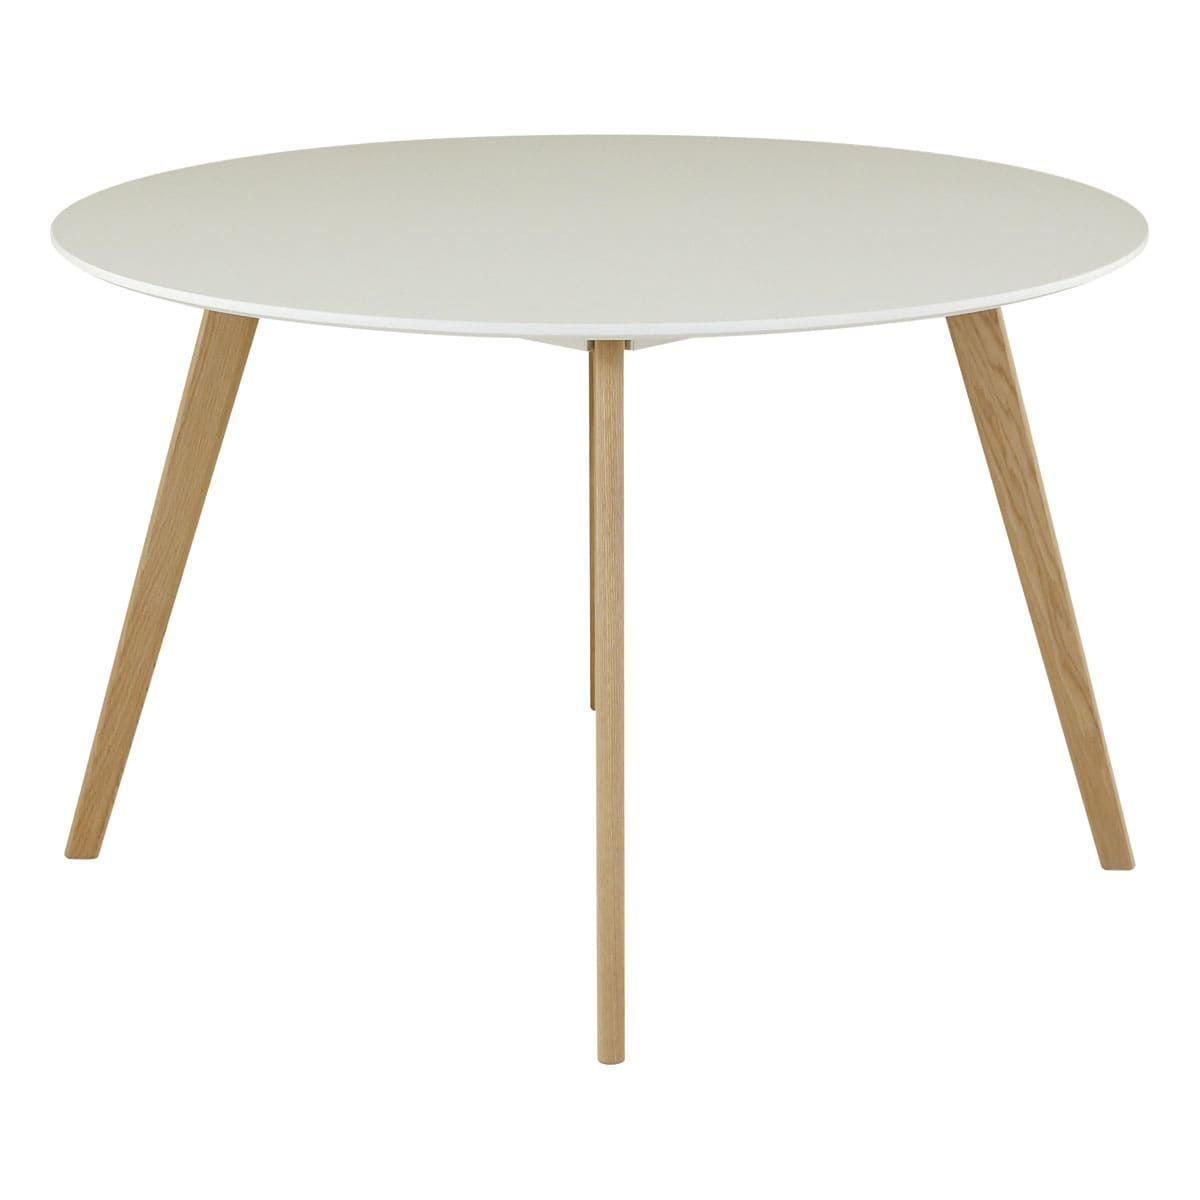 maison du monde Table ronde laqué blanc 120 cm